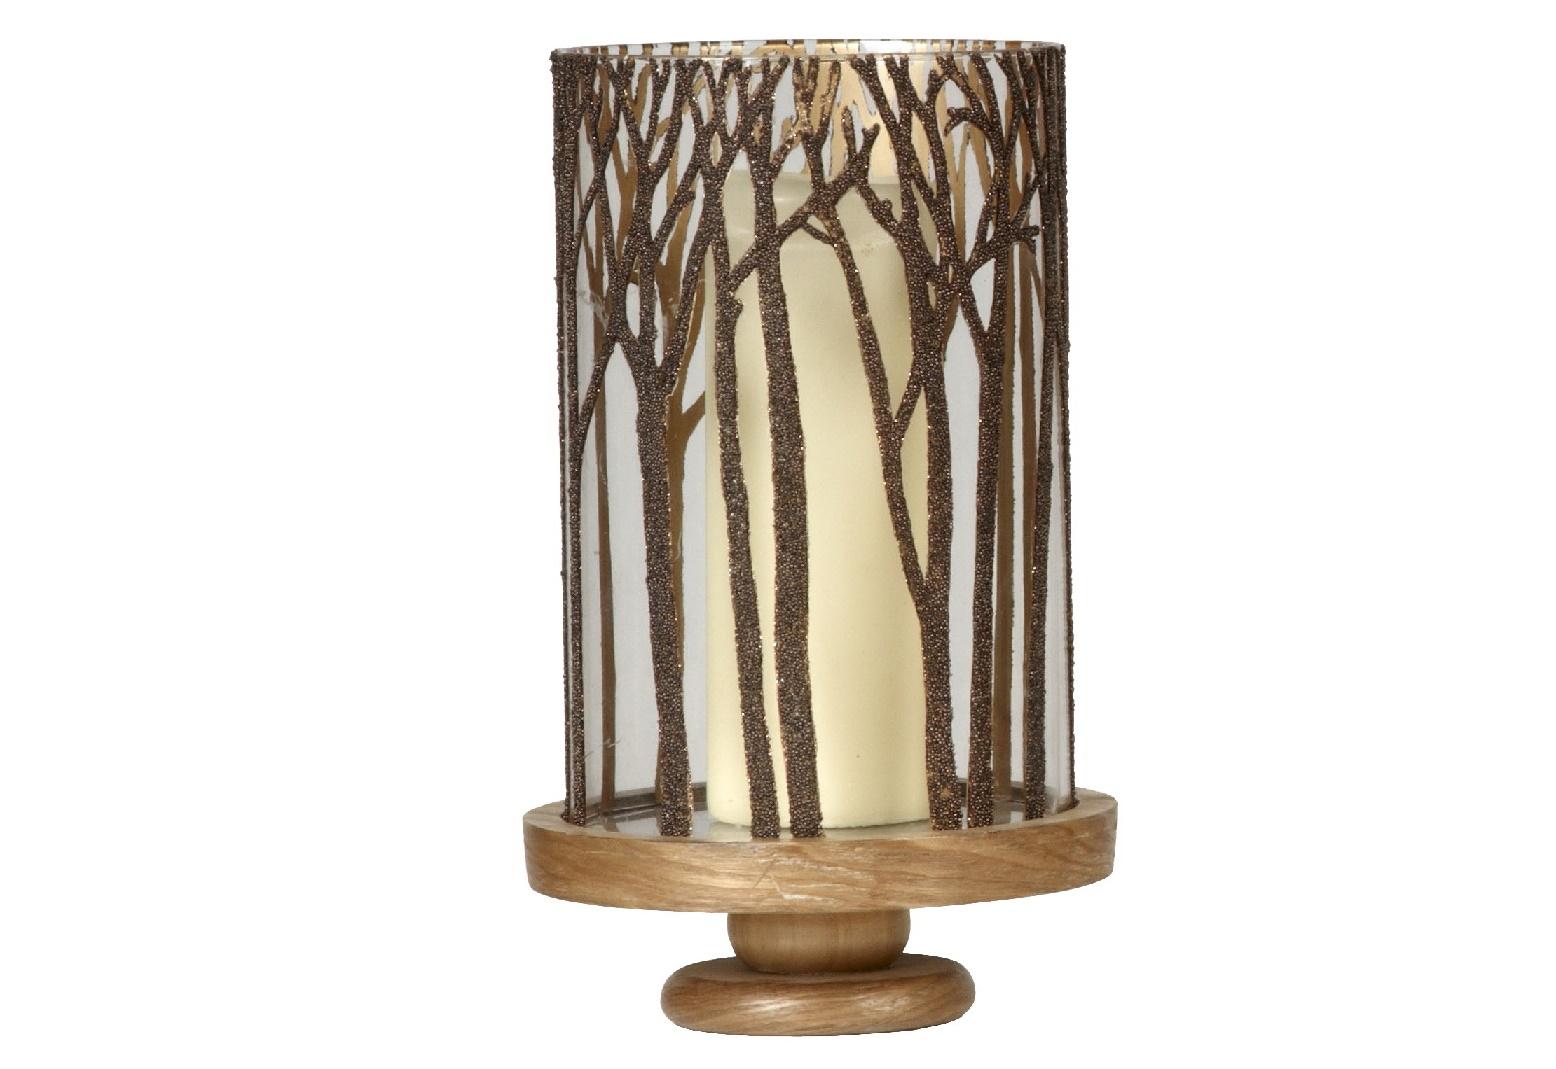 Подсвечник StopperПодсвечники<br>Что скрывается за деревьями? Светящиеся мотыльки? Нет, это огонек свечи, который проглядывает сквозь стеклянные стенки оригинального подсвечника &amp;quot;Stopper&amp;quot;. Такой декор придется по вкусу любителям естественности, стремящимся окружить себя вещами, напоминающими о красоте природы.&amp;amp;nbsp;<br><br><br><br>&amp;lt;div&amp;gt;&amp;lt;br&amp;gt;&amp;lt;/div&amp;gt;&amp;lt;div&amp;gt;Отделка: дерево/стекло.&amp;lt;/div&amp;gt;<br><br>Material: Стекло<br>Height см: 38<br>Diameter см: 23